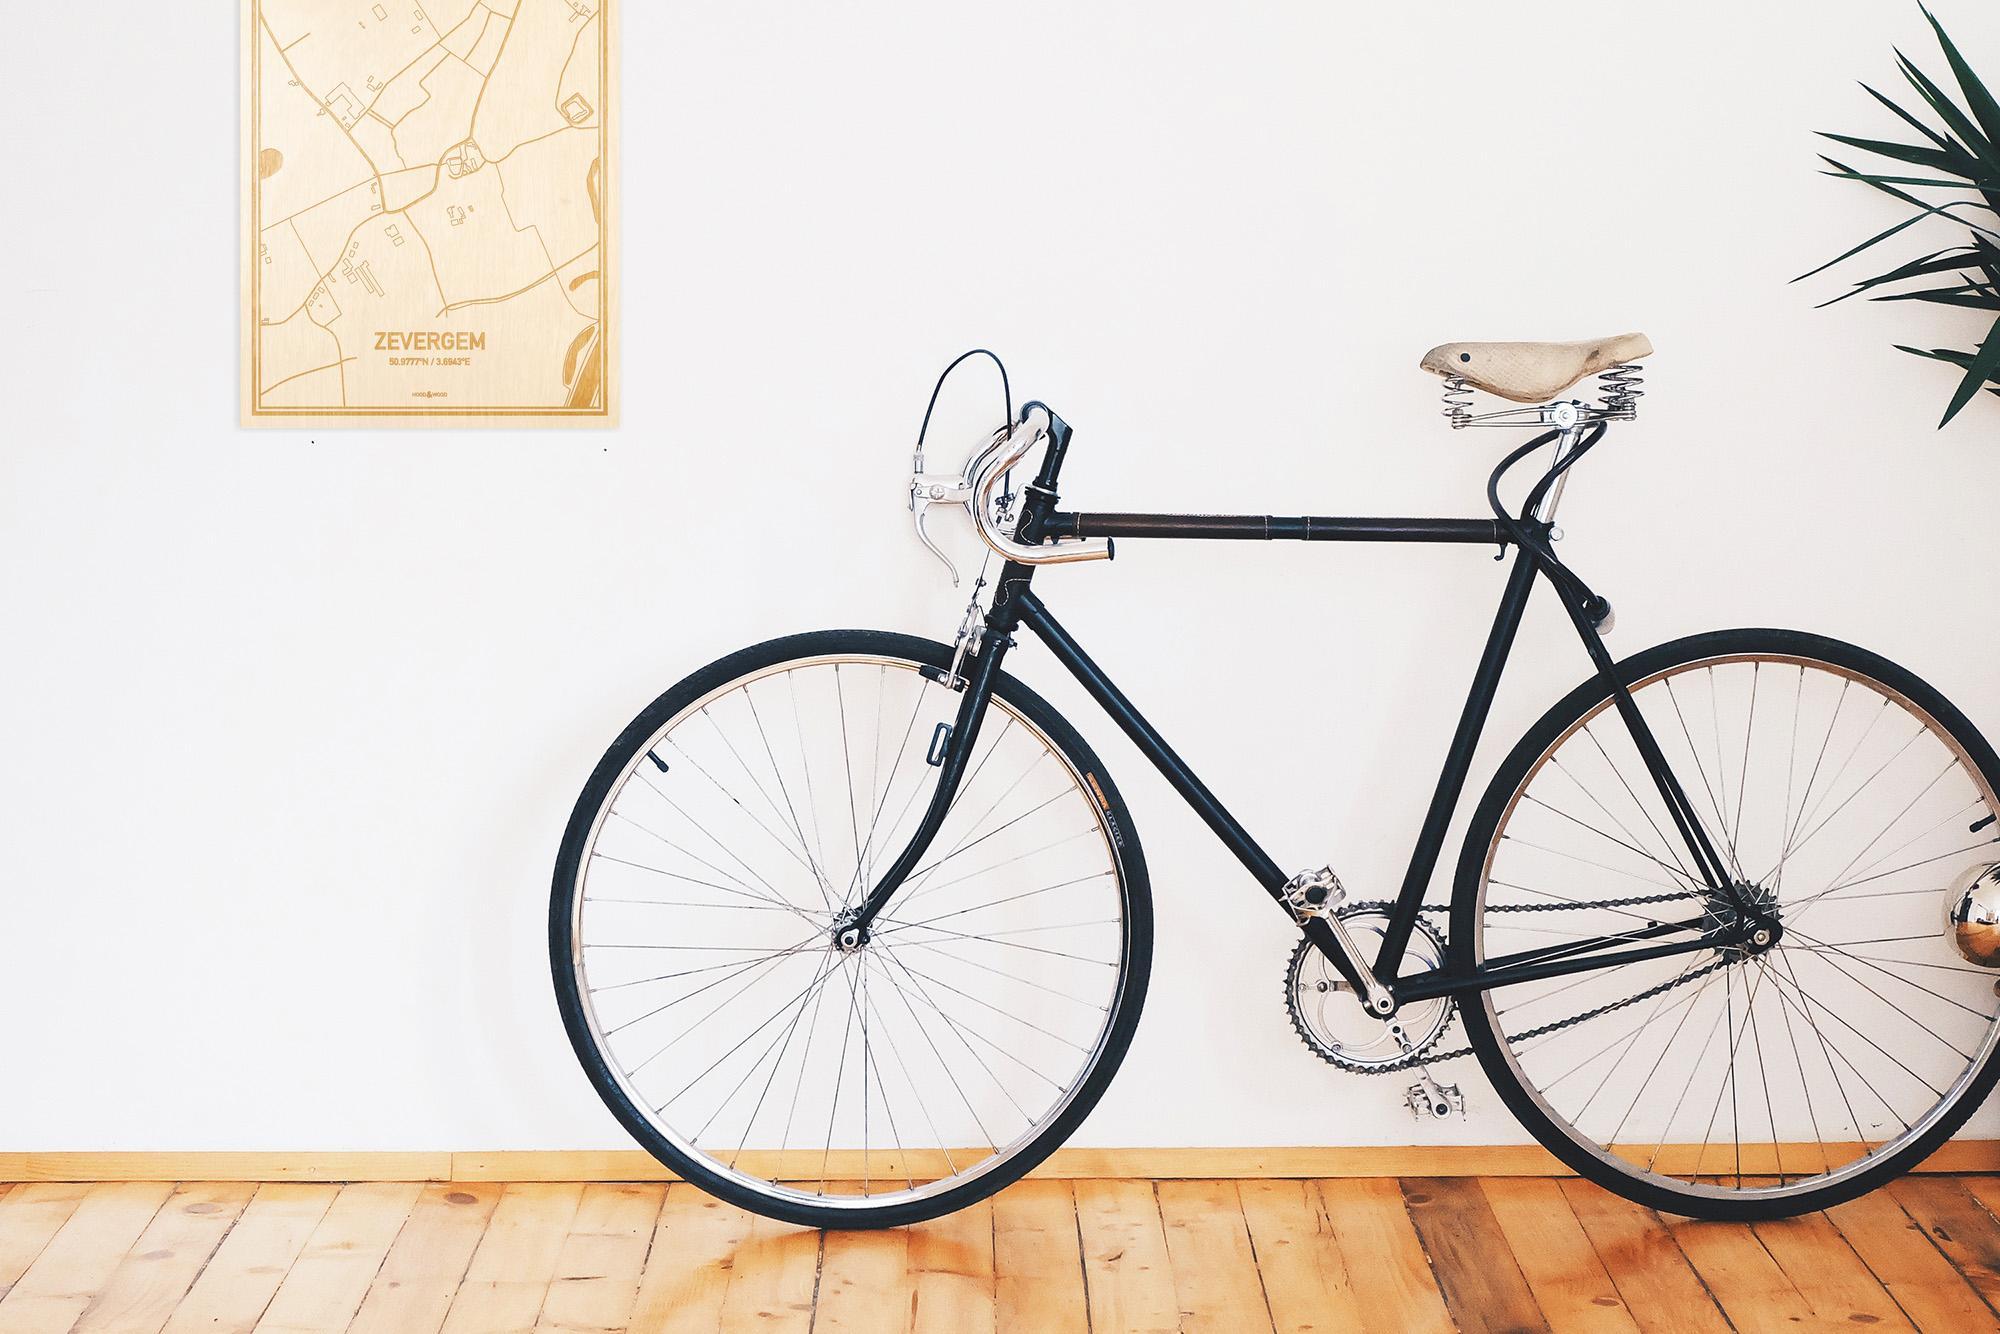 Een snelle fiets in een uniek interieur in Oost-Vlaanderen  met mooie decoratie zoals de plattegrond Zevergem.